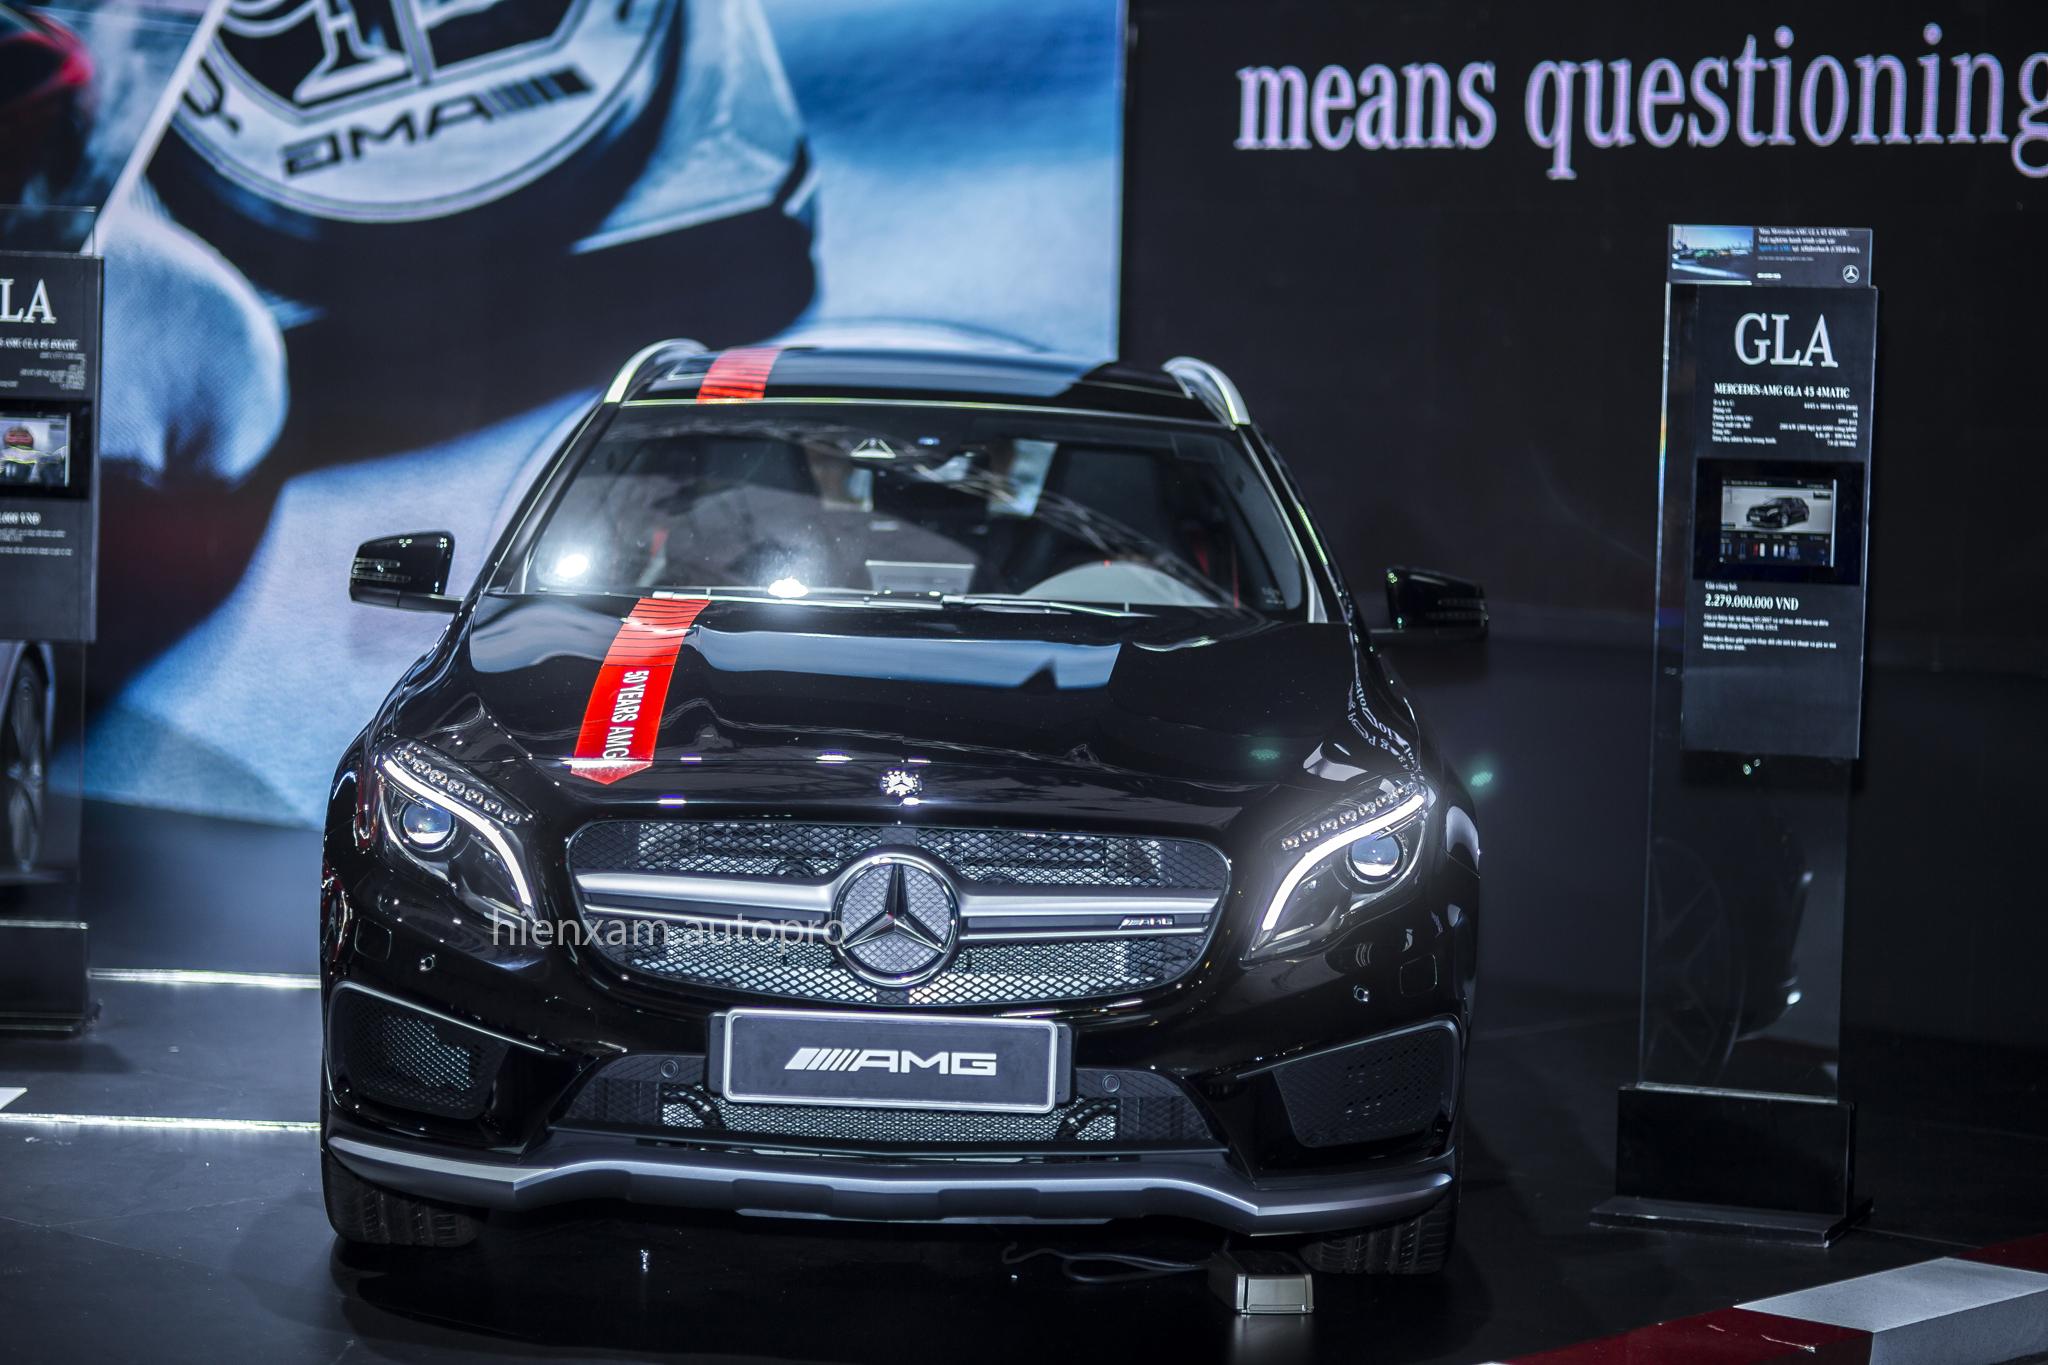 Cận cảnh Mercedes-Benz GLA 45 AMG giá 2,279 tỉ đồng - Ảnh 2.